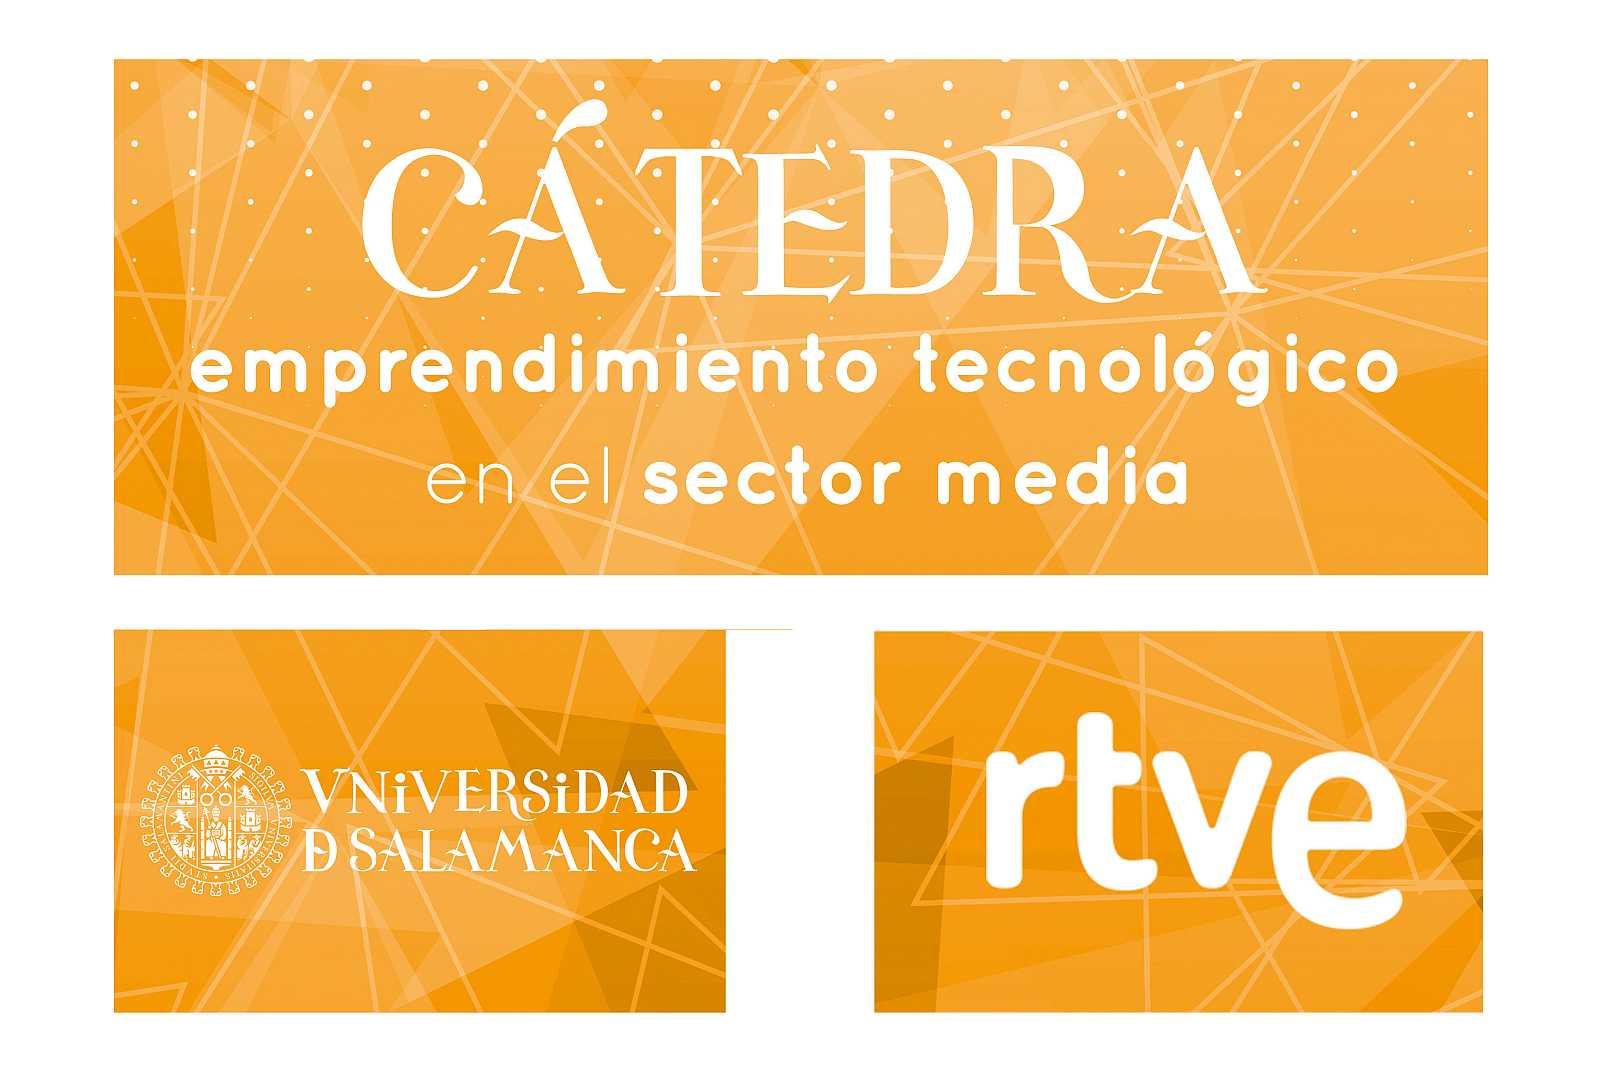 Tiene como objetivos el desarrollo, estudio, promoción y divulgación del emprendimiento tecnológico en el sector Media